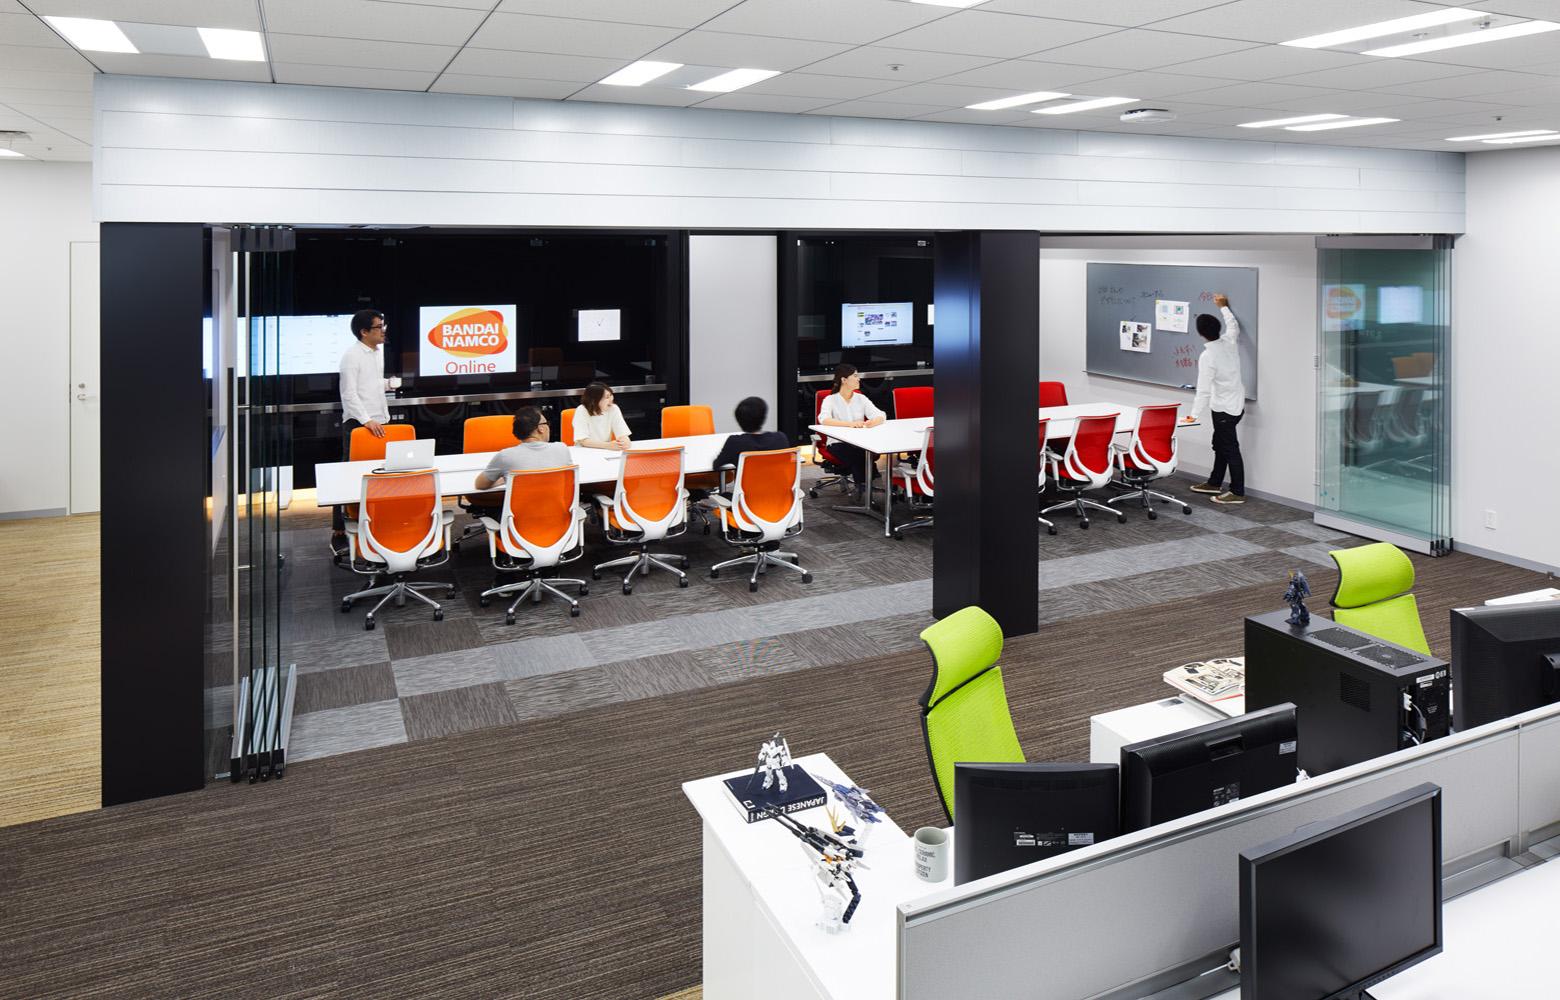 株式会社バンダイナムコオンライン Meeting Room_4 デザイン・レイアウト事例